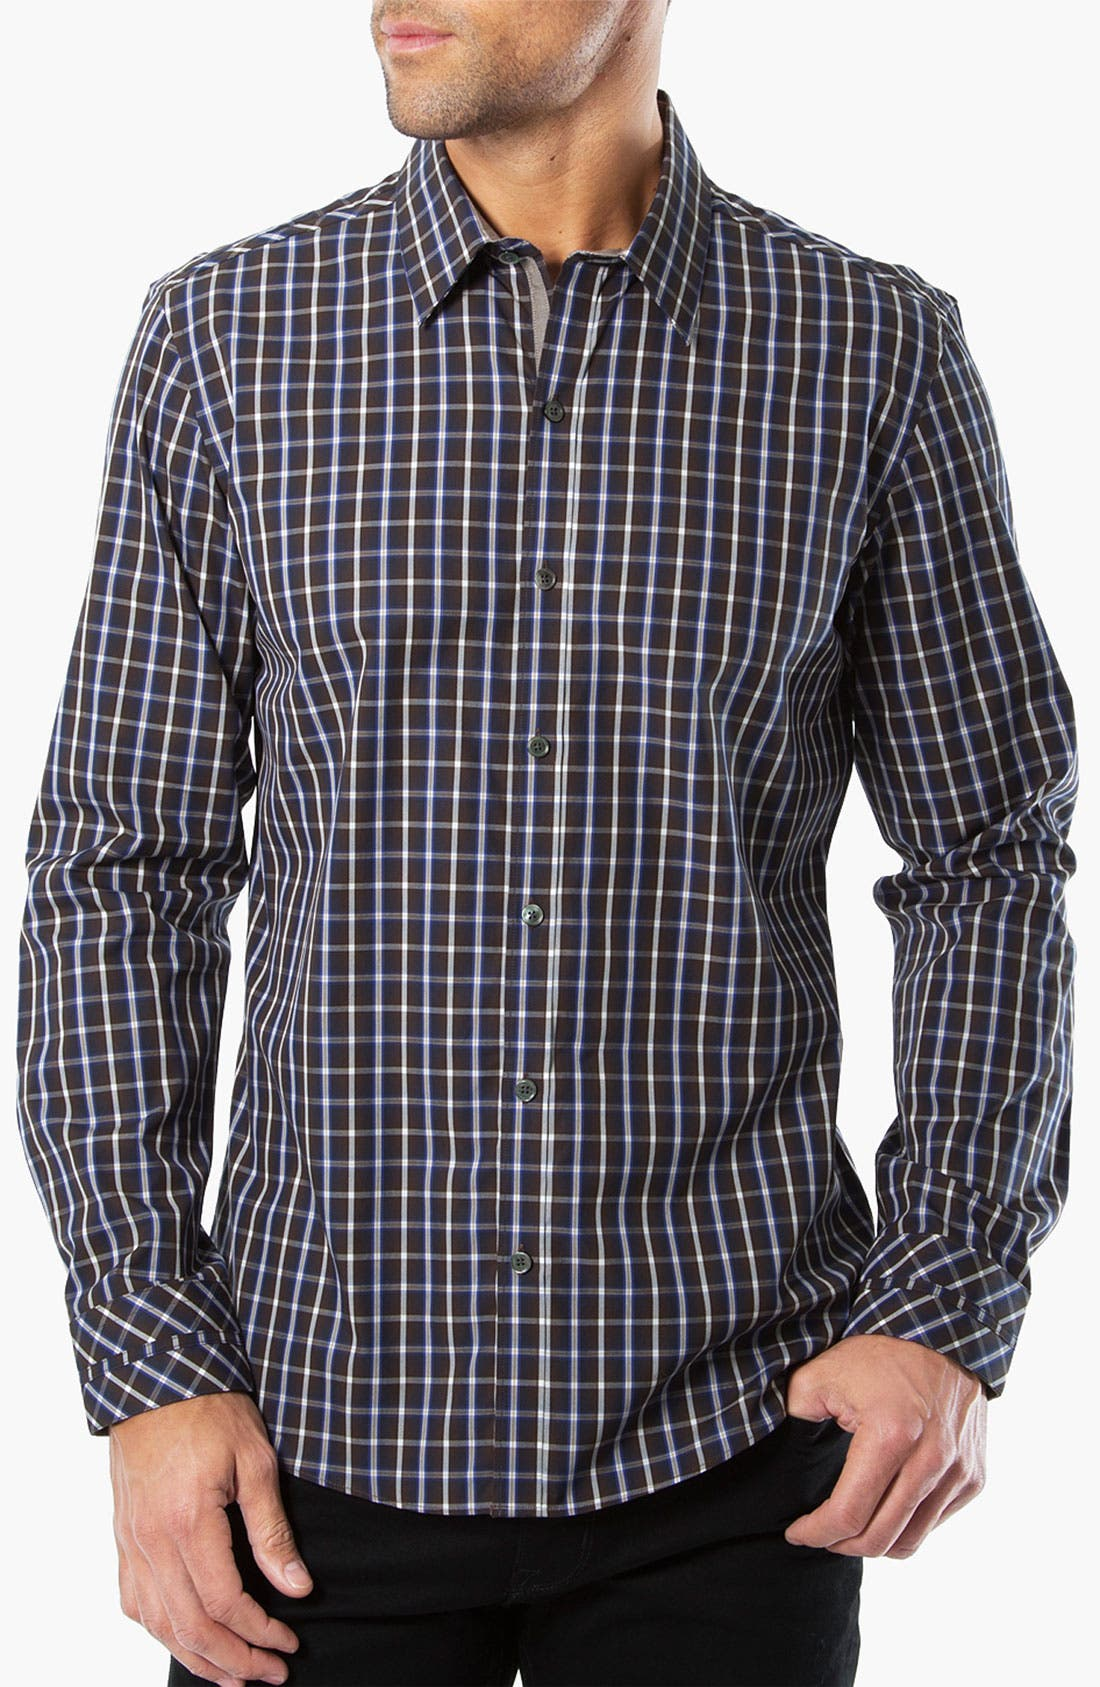 Alternate Image 1 Selected - Kenson 'Vertigo' Plaid Woven Shirt